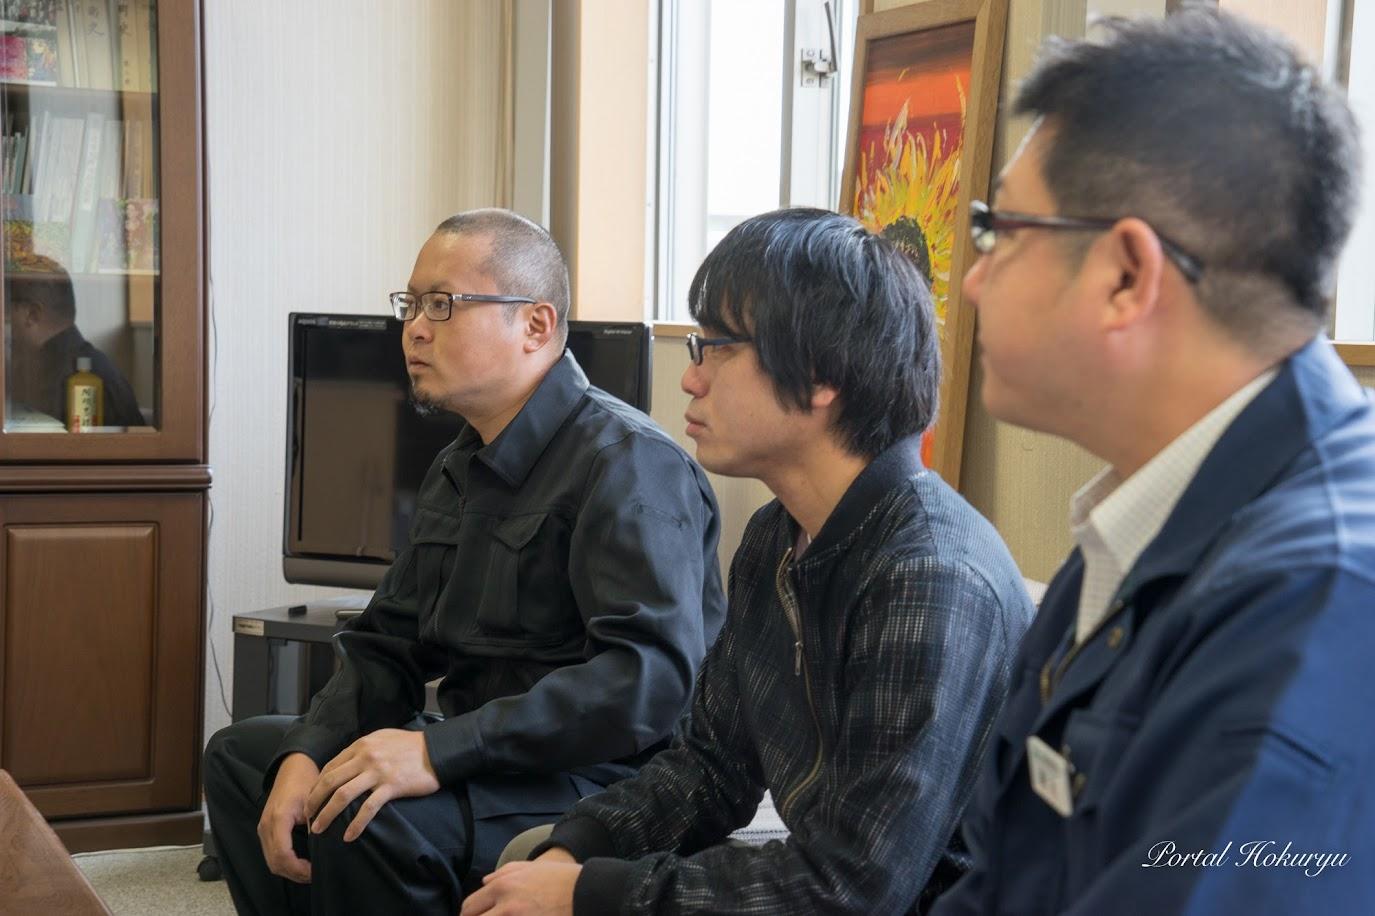 左より:チームノースドラゴン・高田昌幸 代表、三原惇平 副代表、高木真樹さん